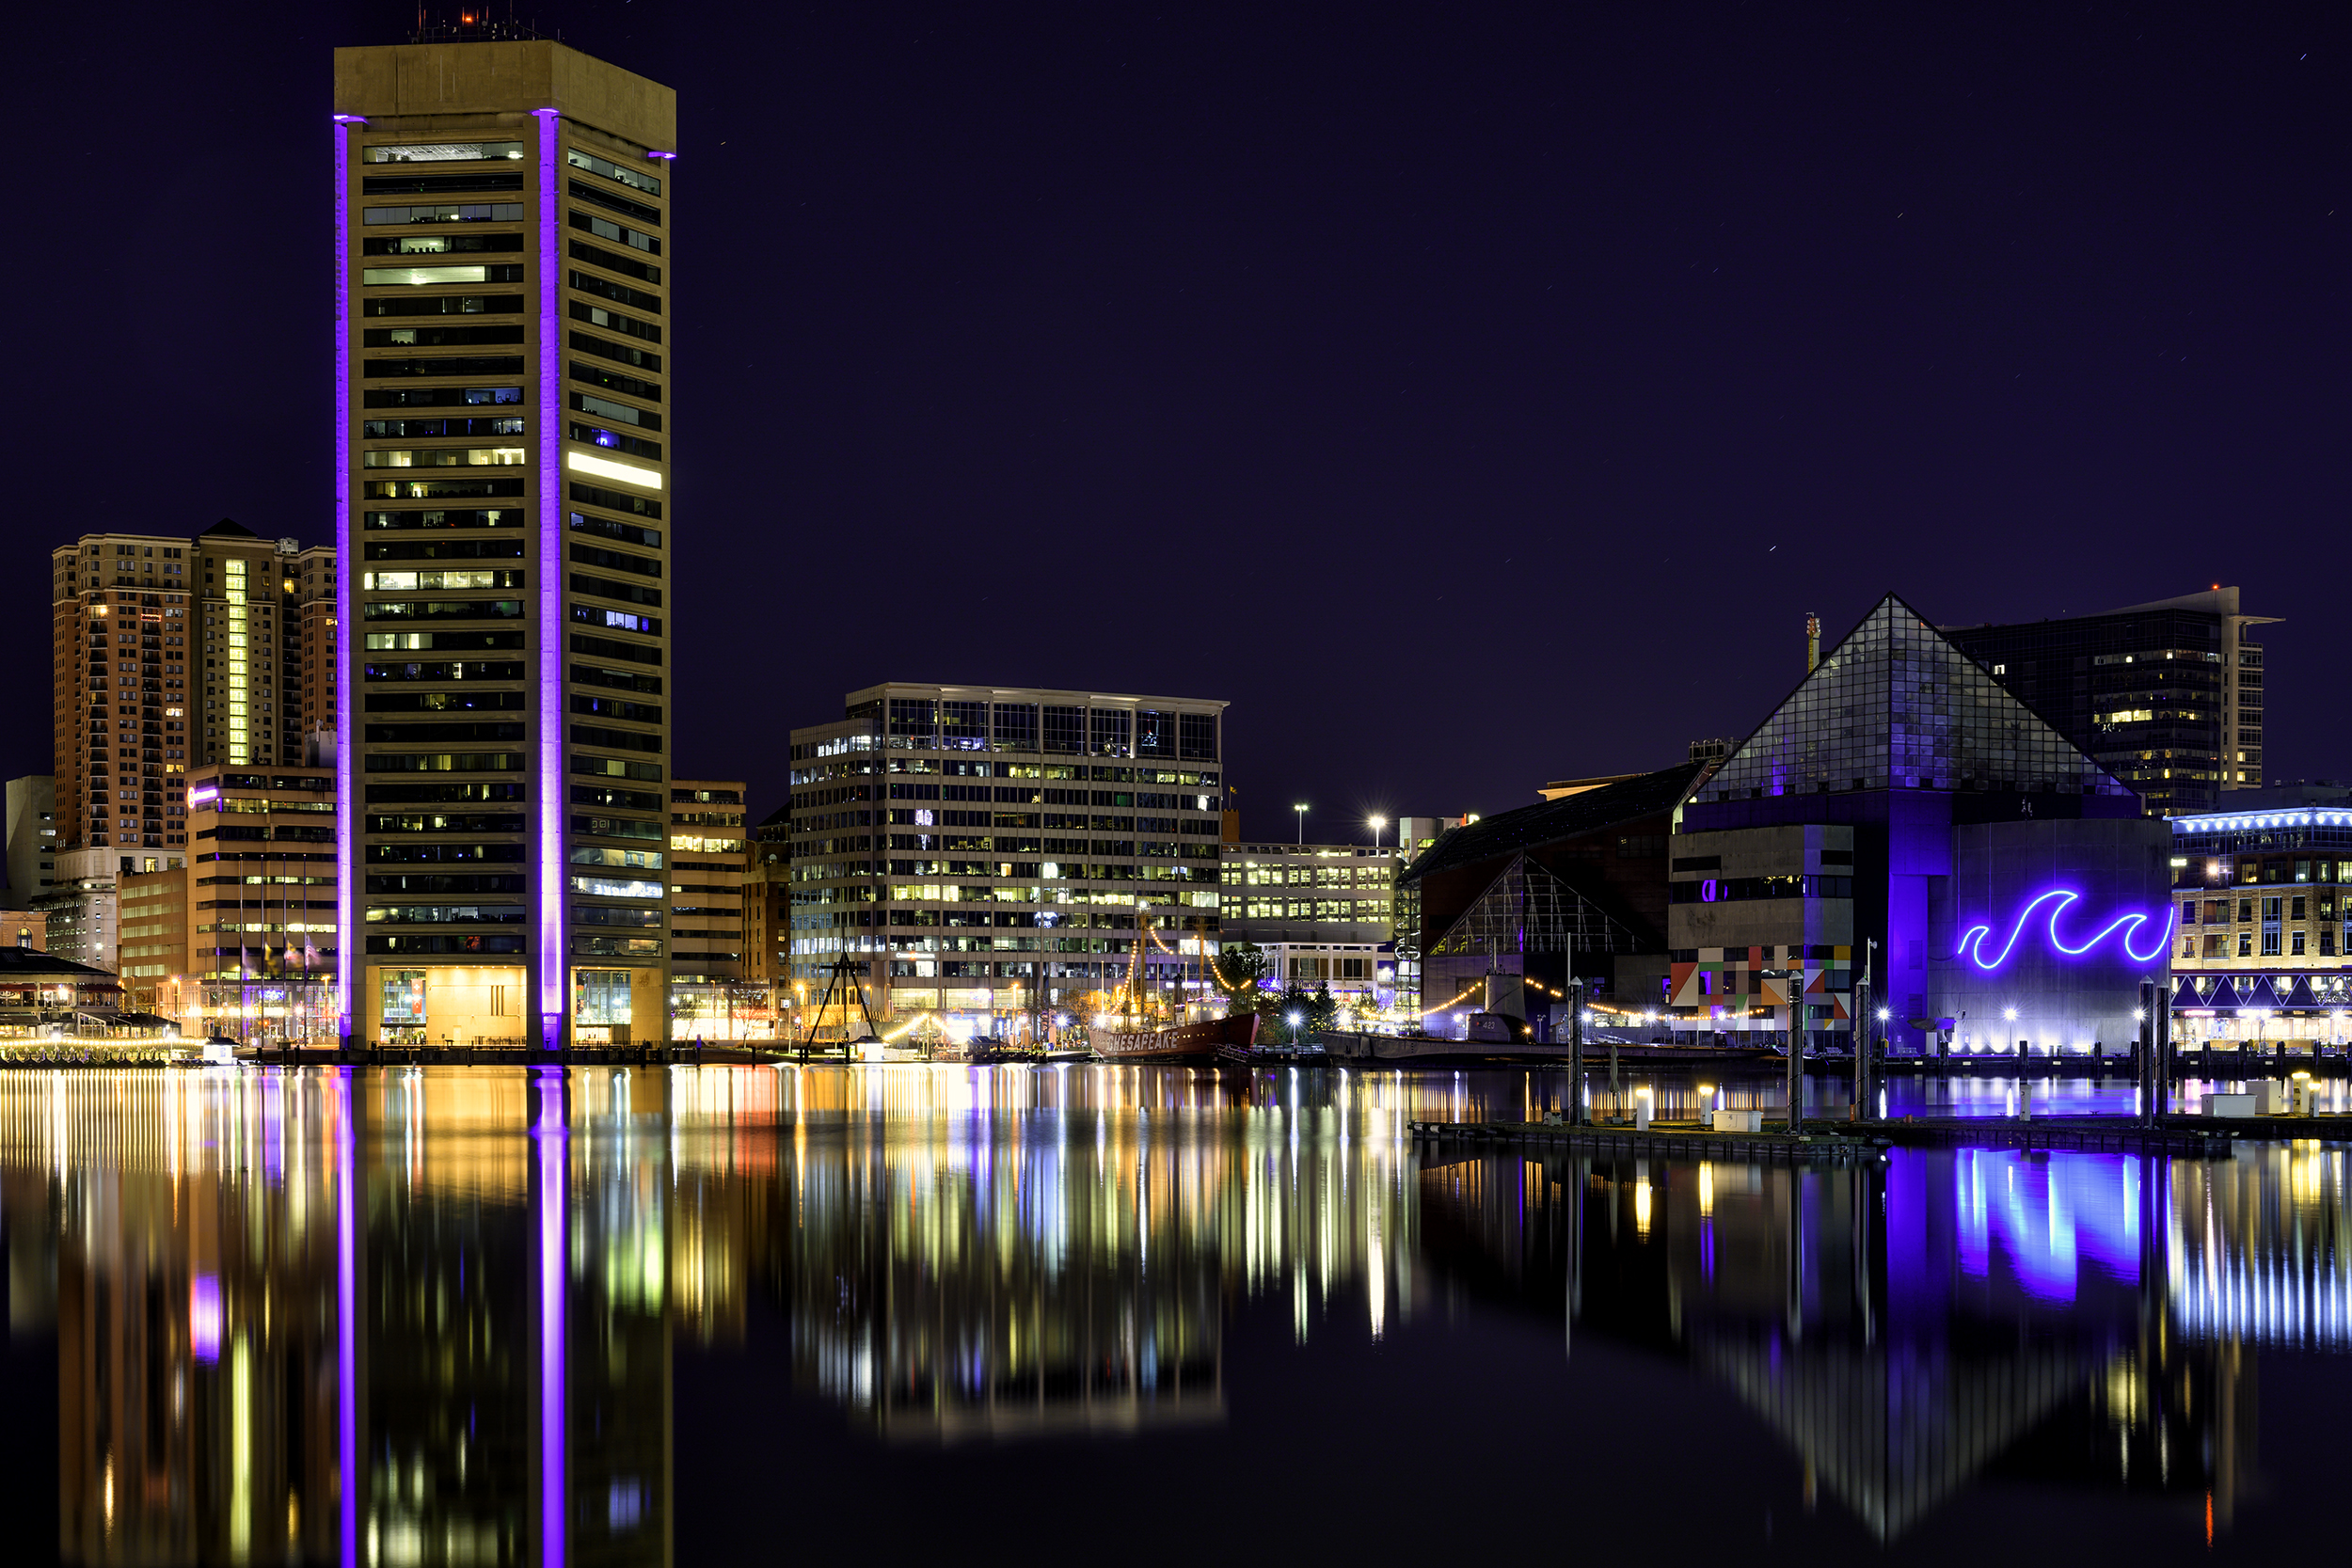 Baltimore, December Morning